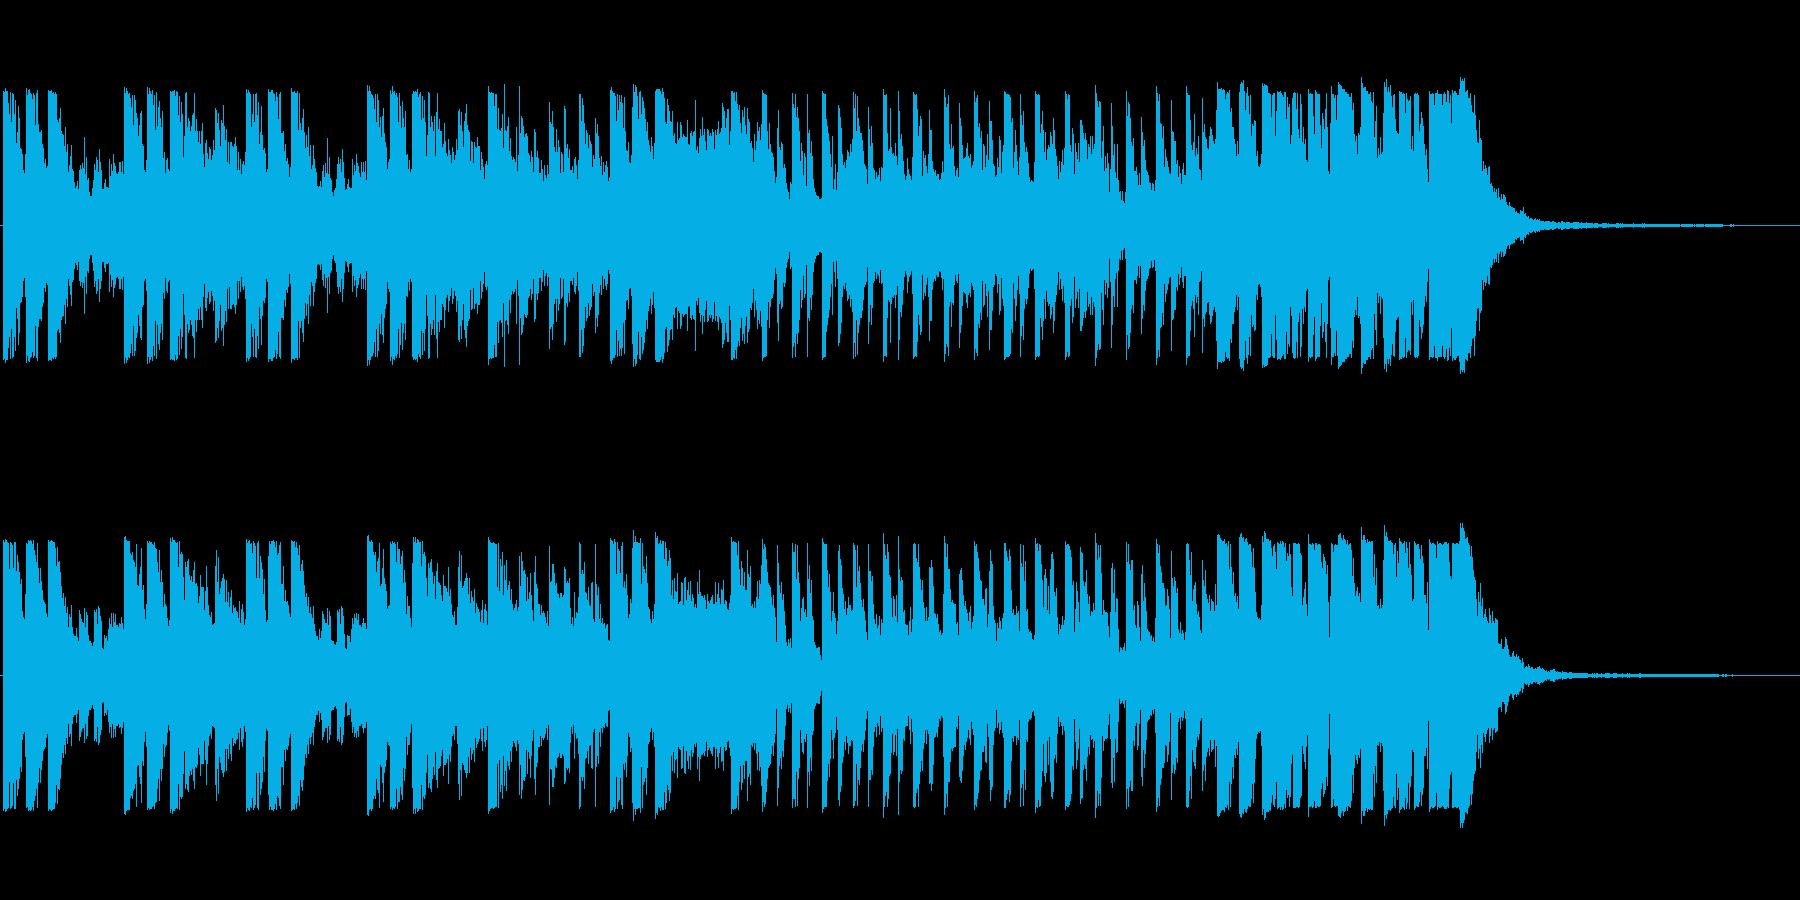 「オケヒットのキメが多めのBGM」の再生済みの波形